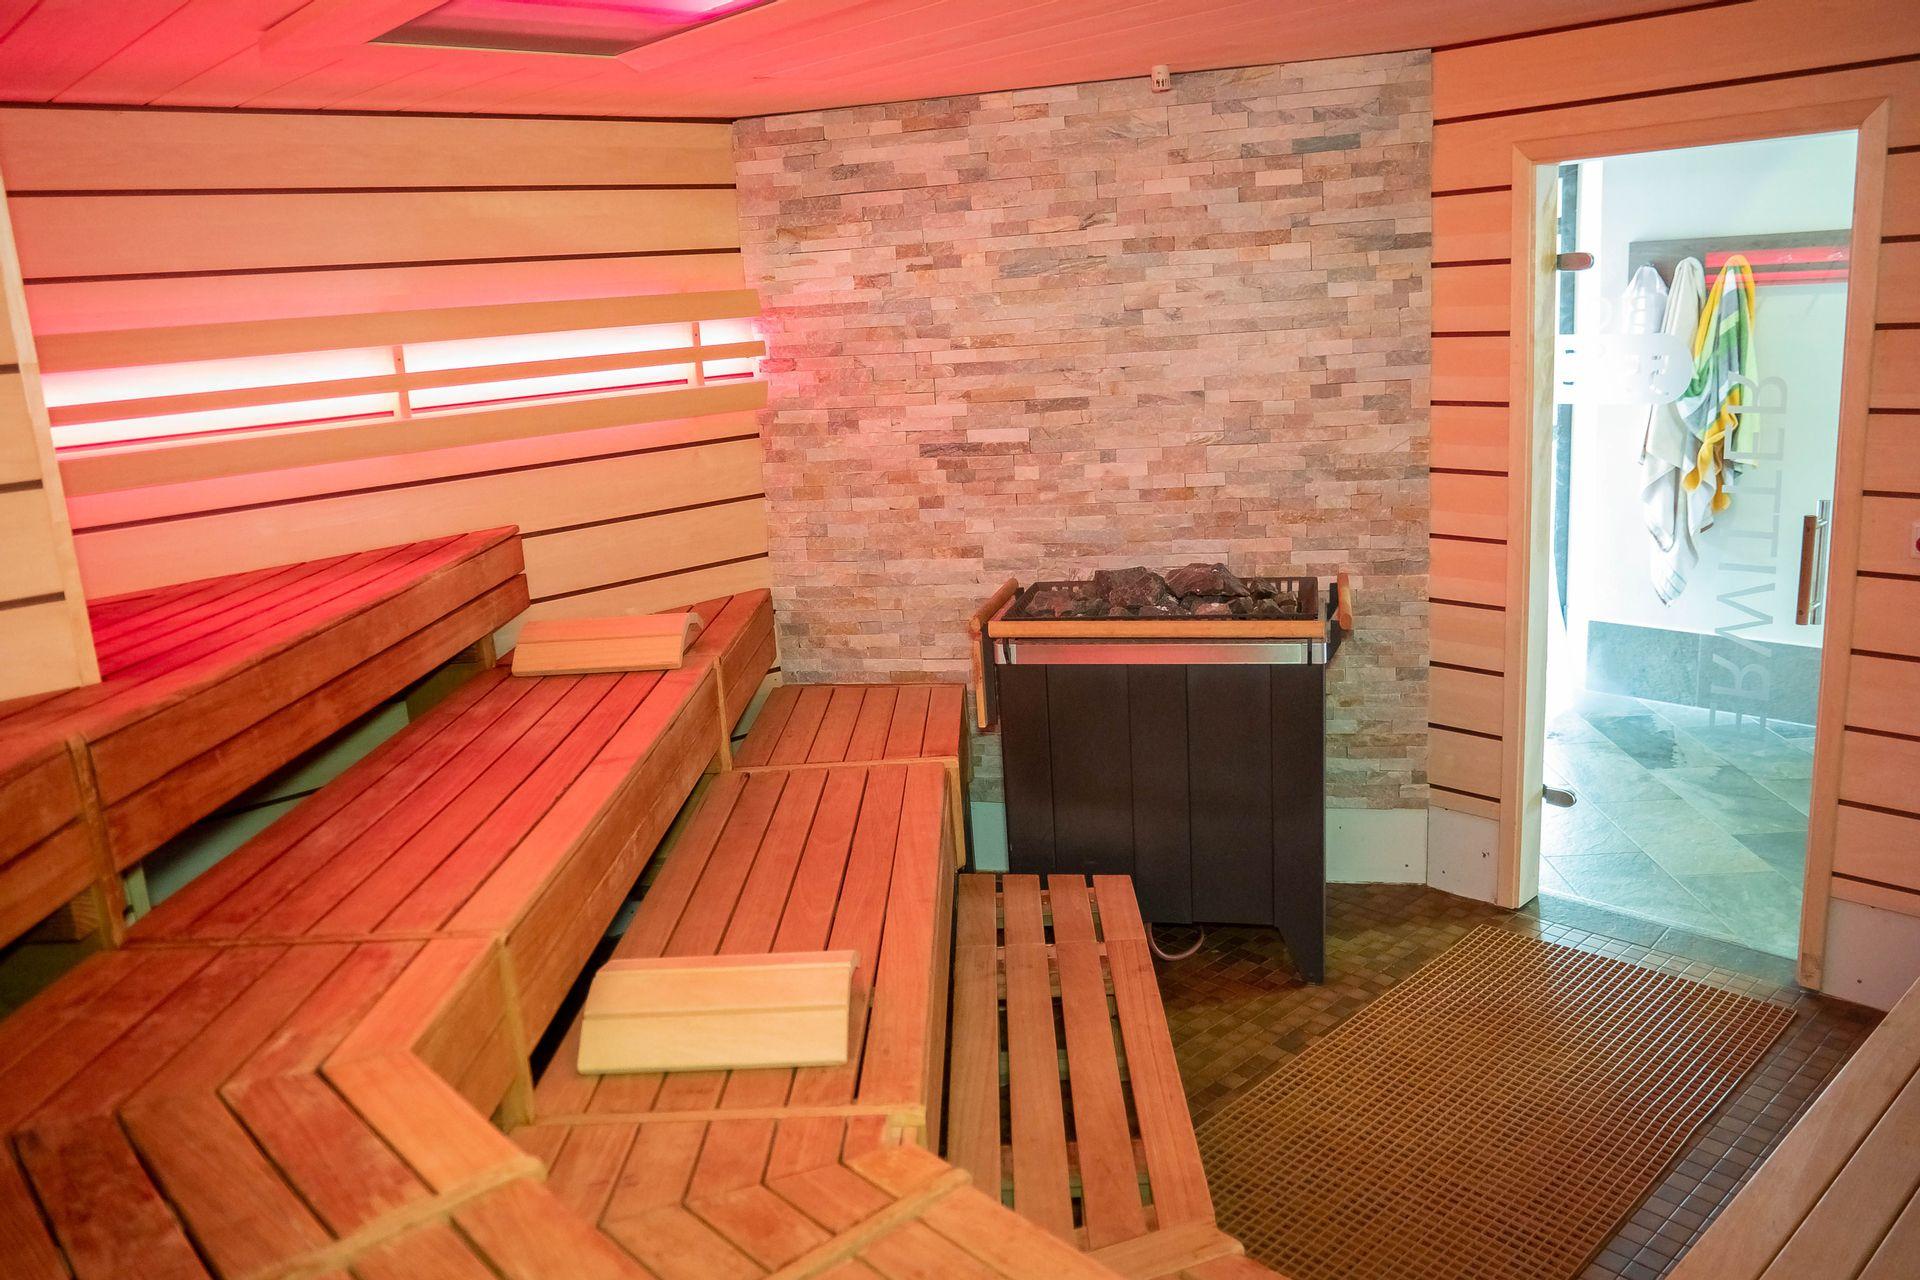 Freizeitaktivitäten | Klinik Solequelle Bad